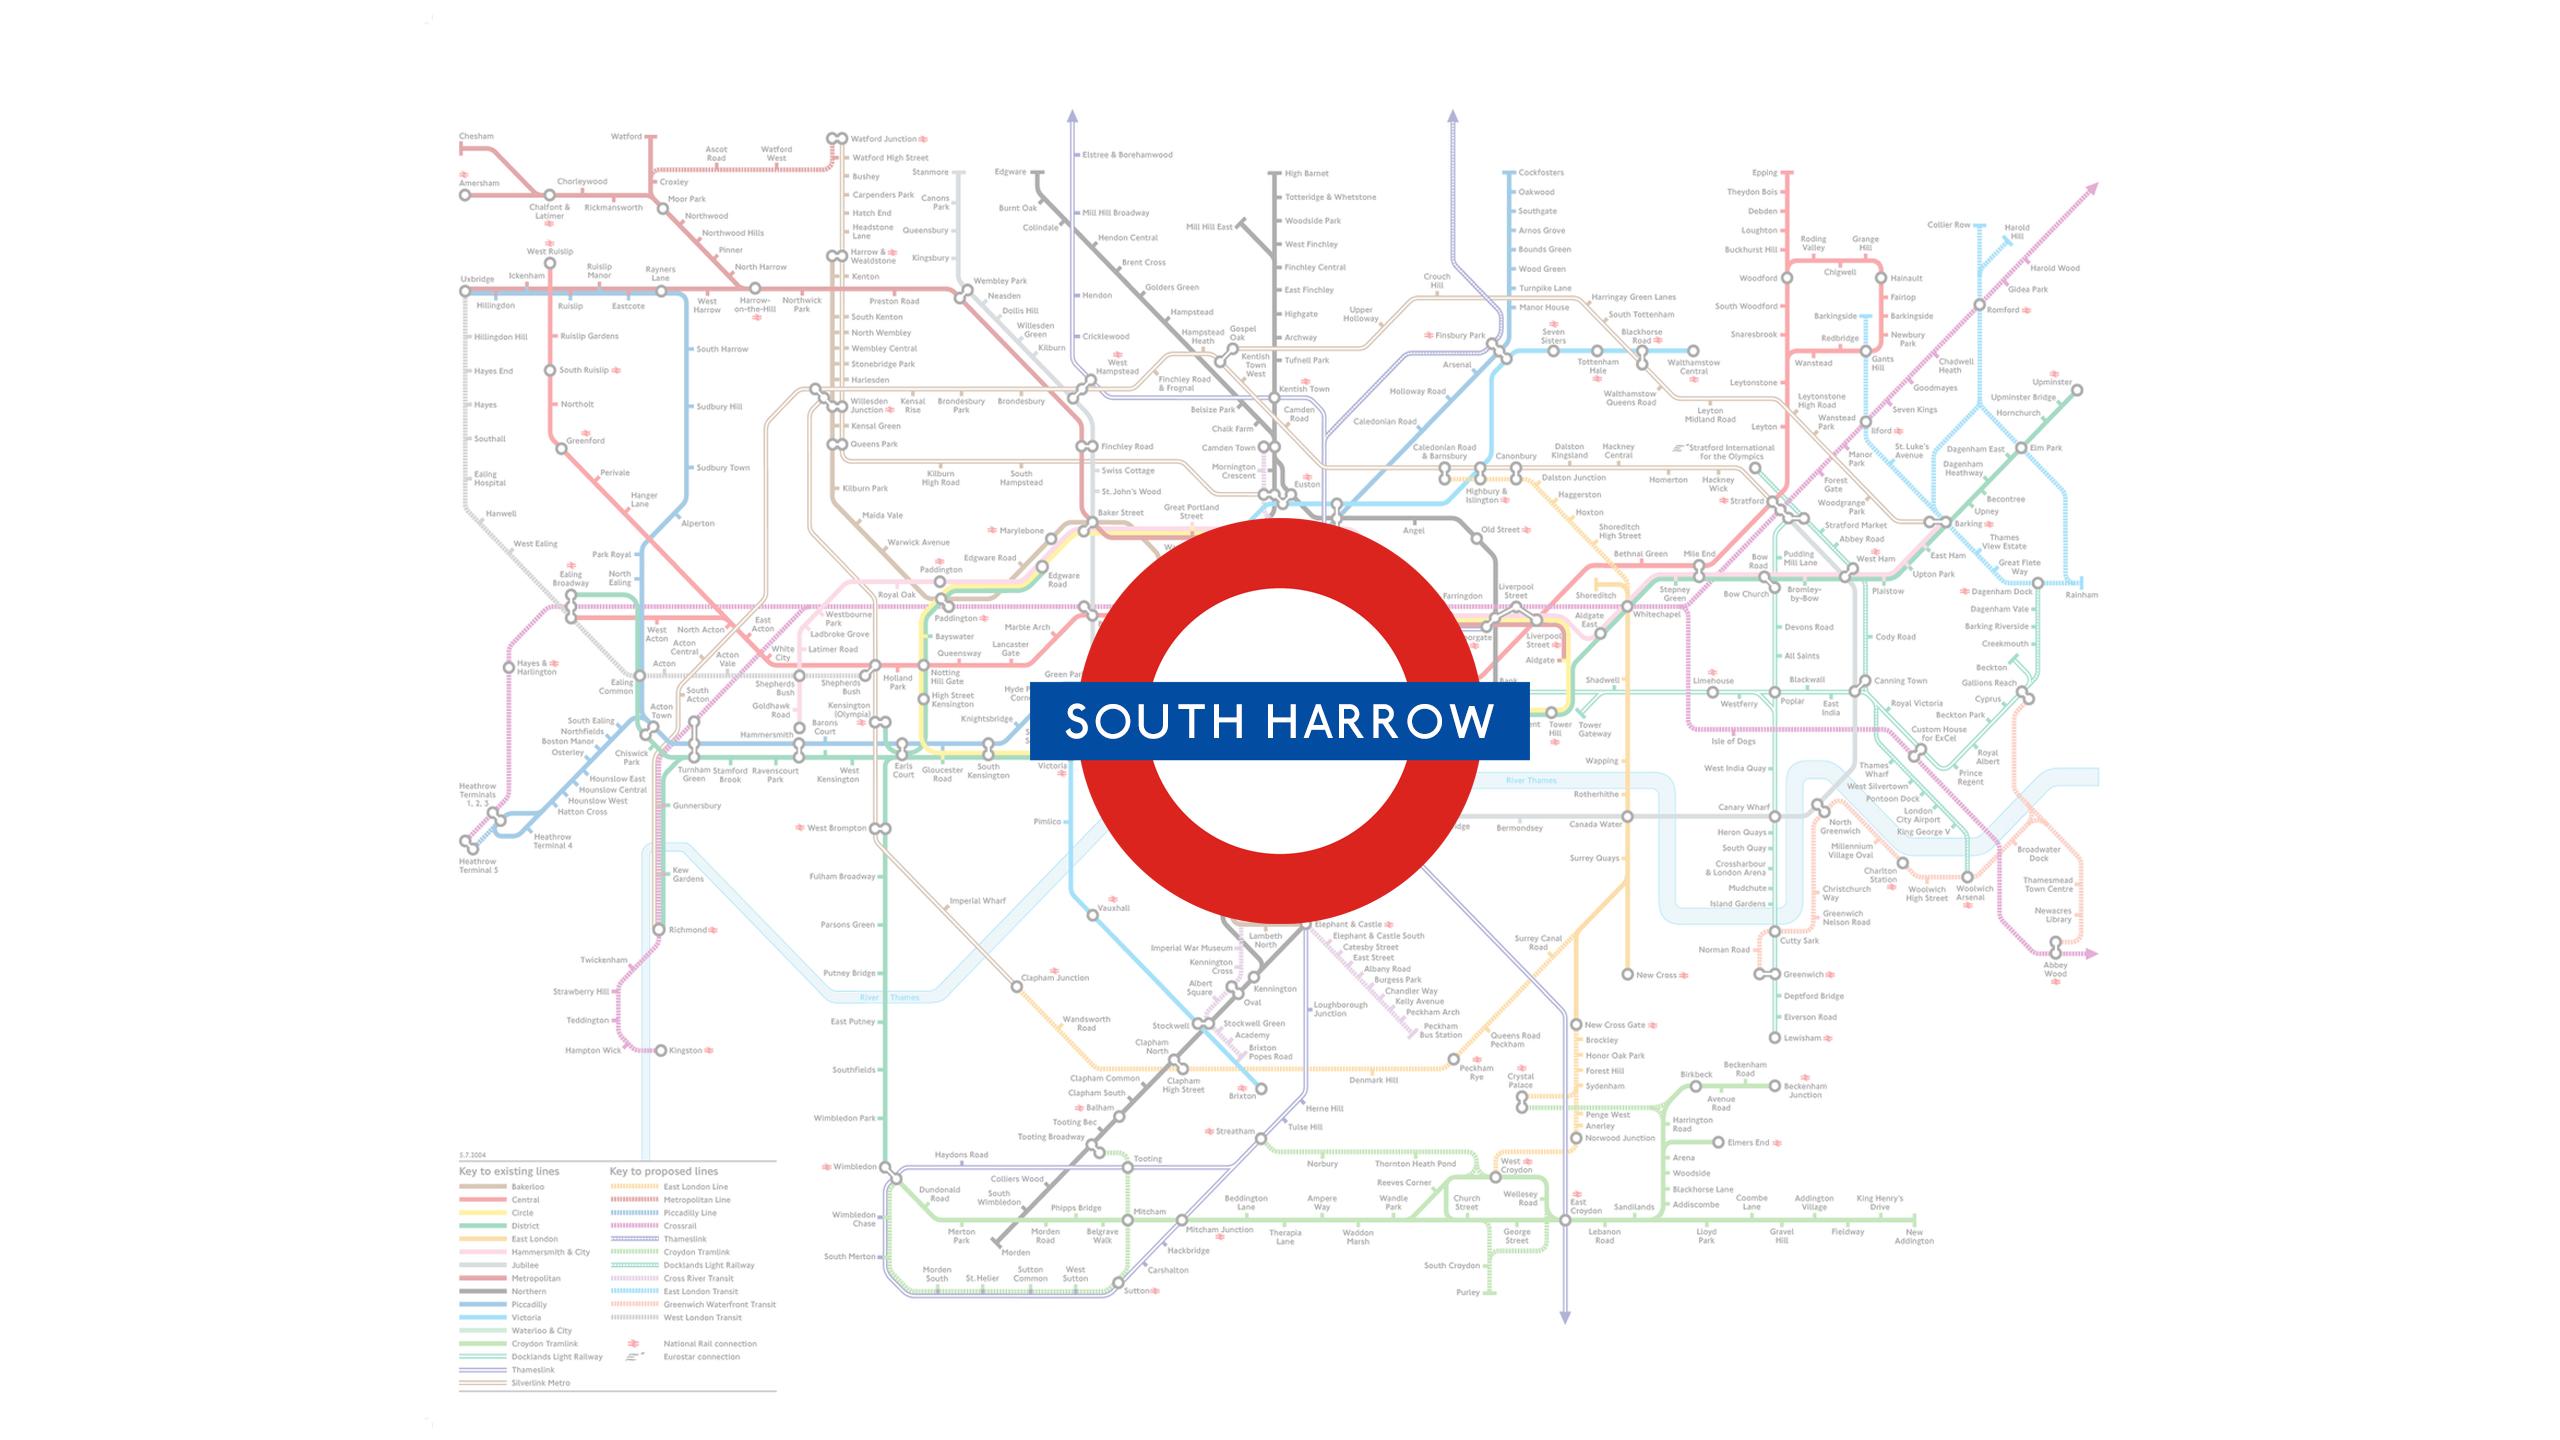 South Harrow (Map)